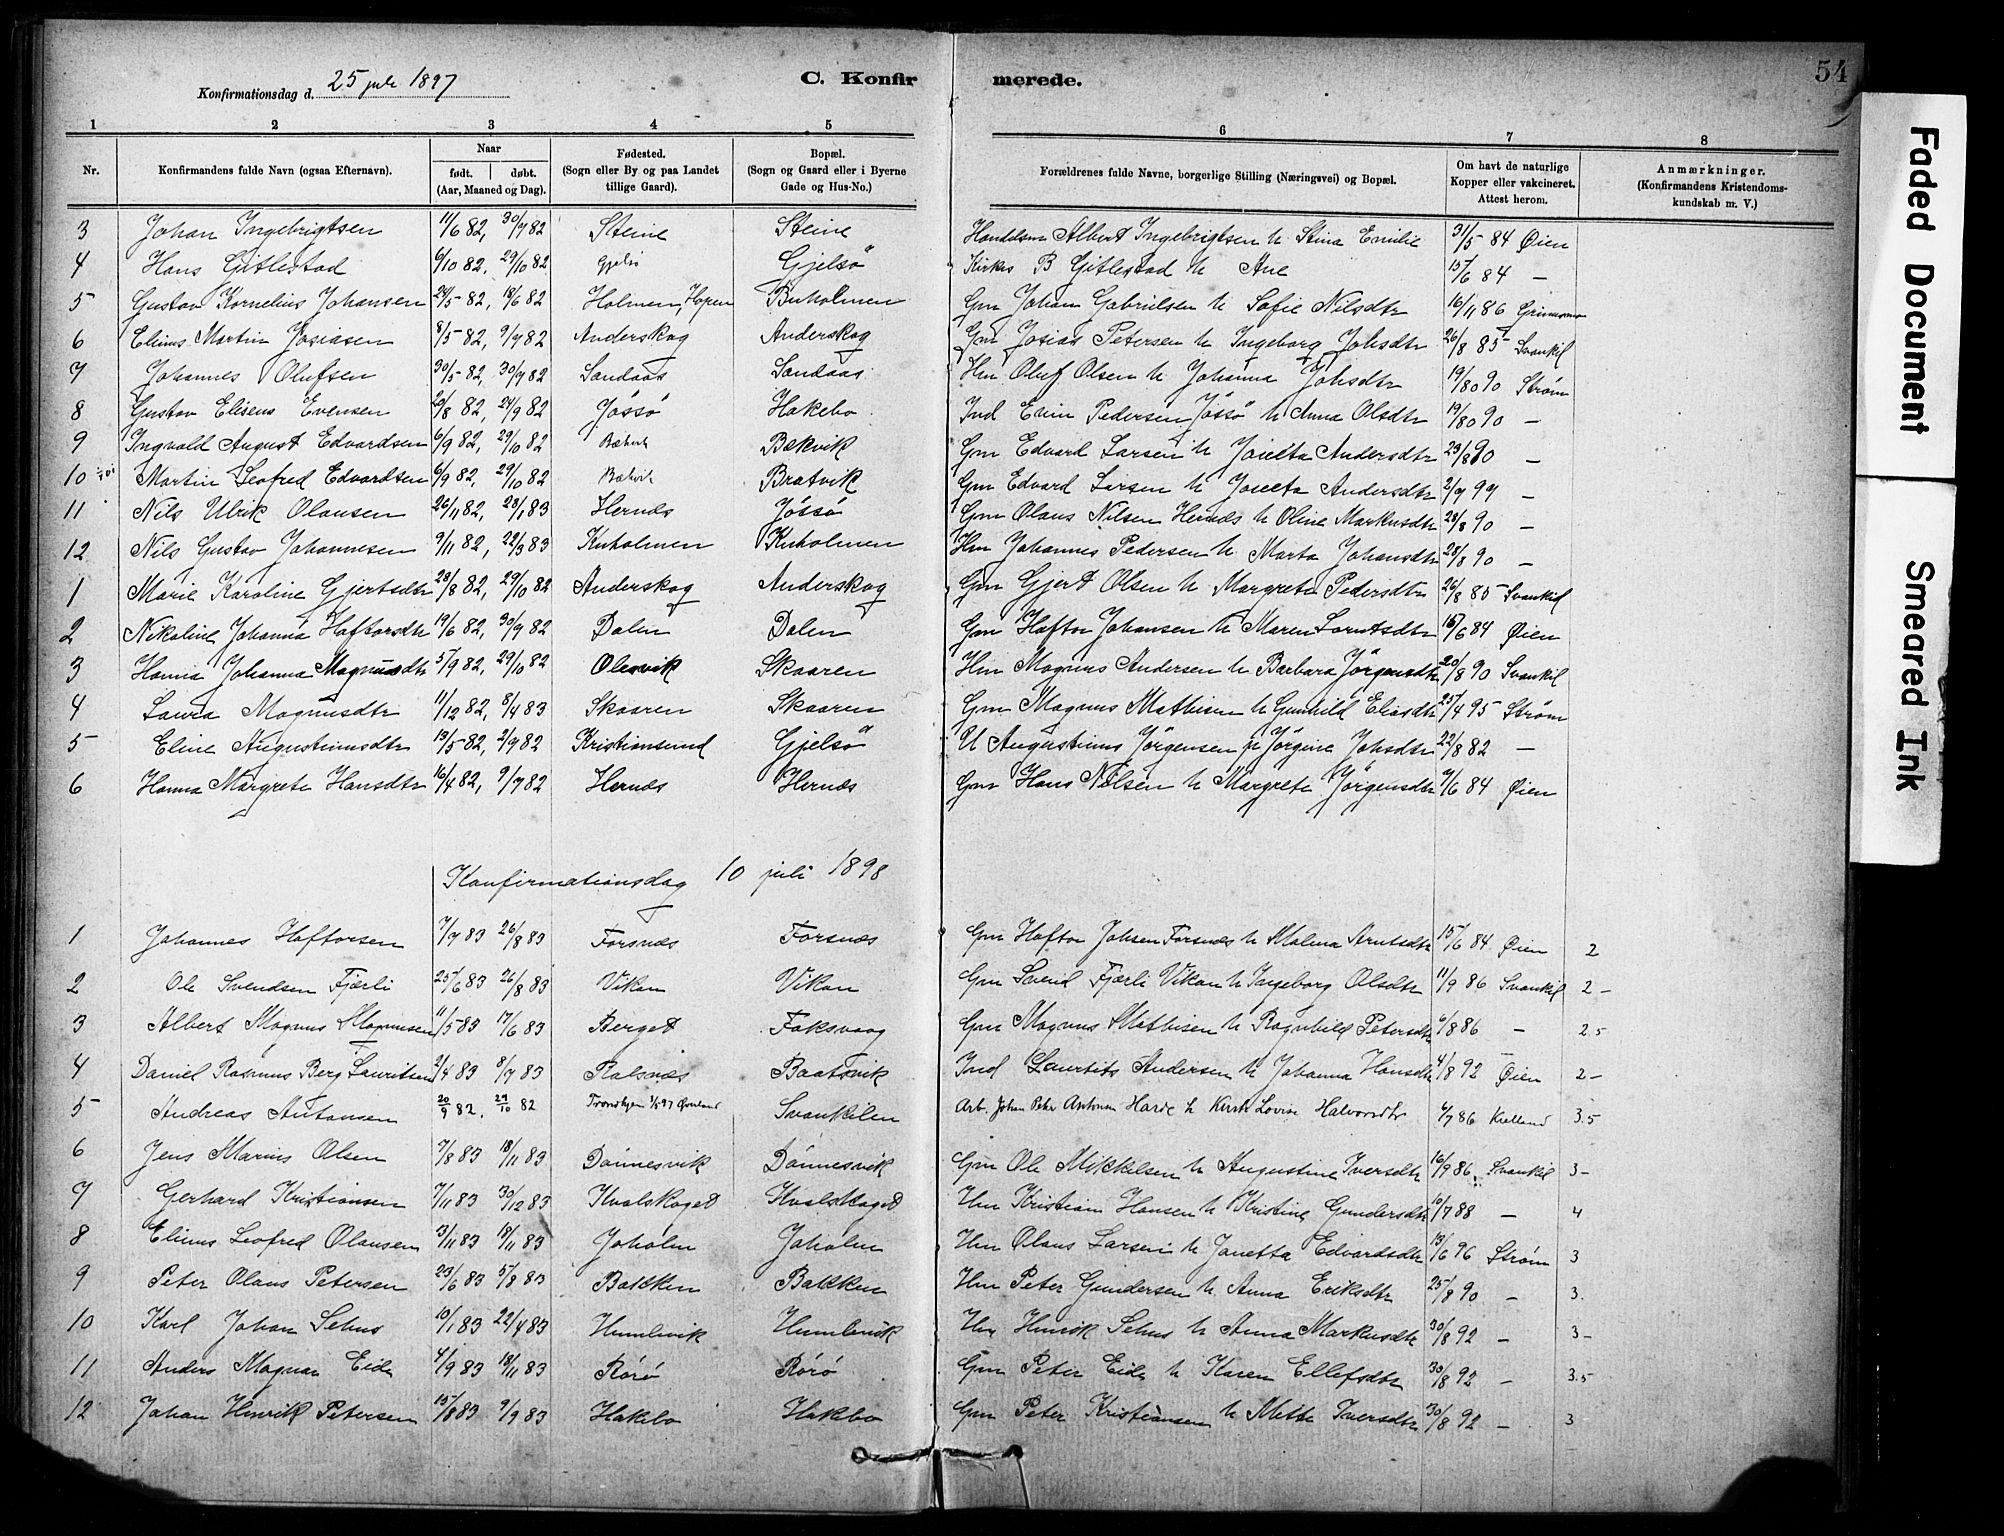 SAT, Ministerialprotokoller, klokkerbøker og fødselsregistre - Sør-Trøndelag, 635/L0551: Ministerialbok nr. 635A01, 1882-1899, s. 54